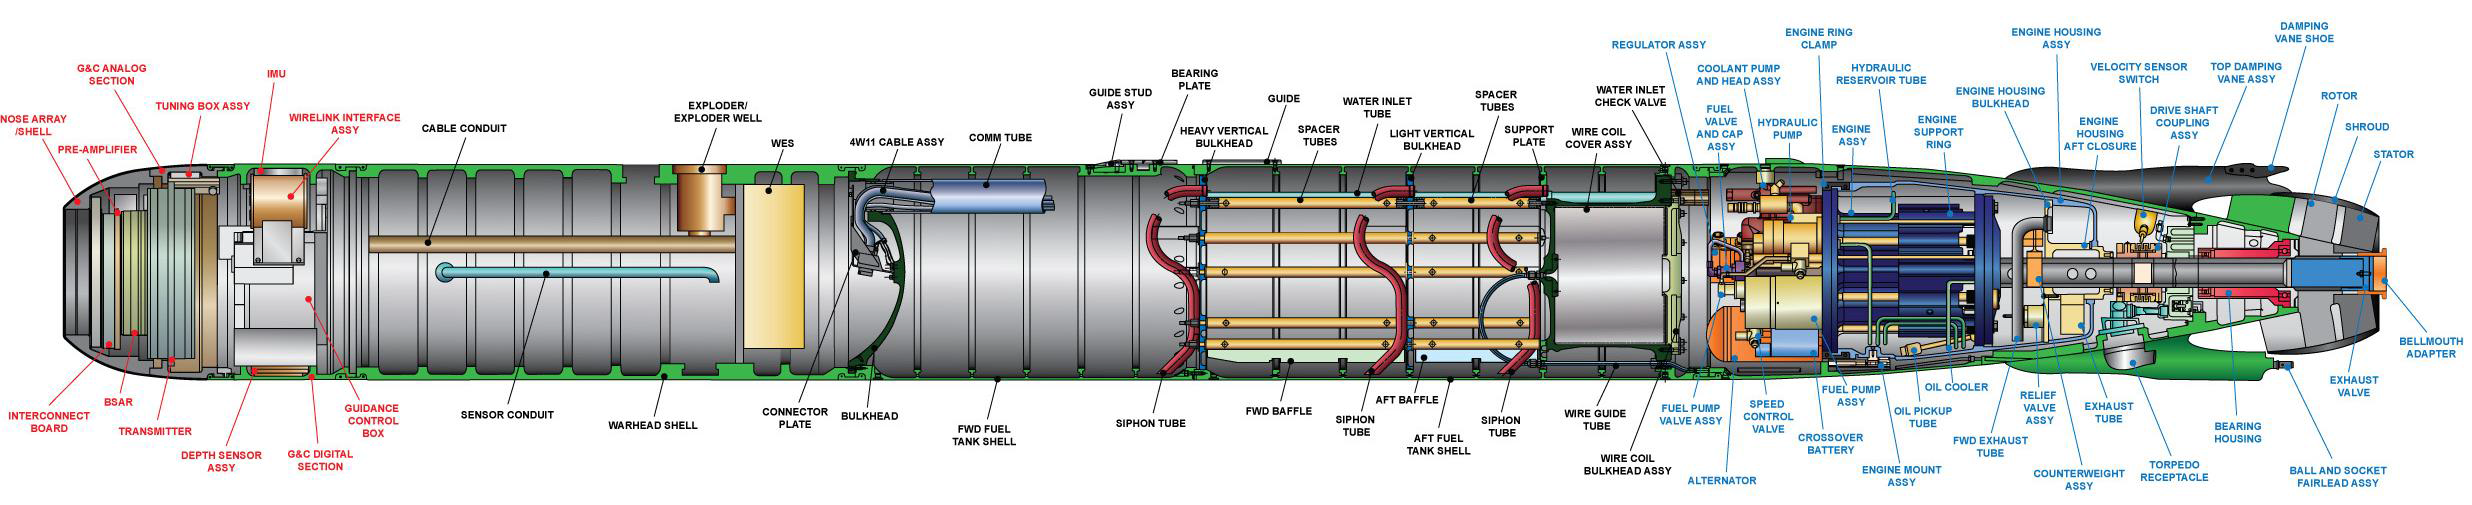 Torpedo MK.48